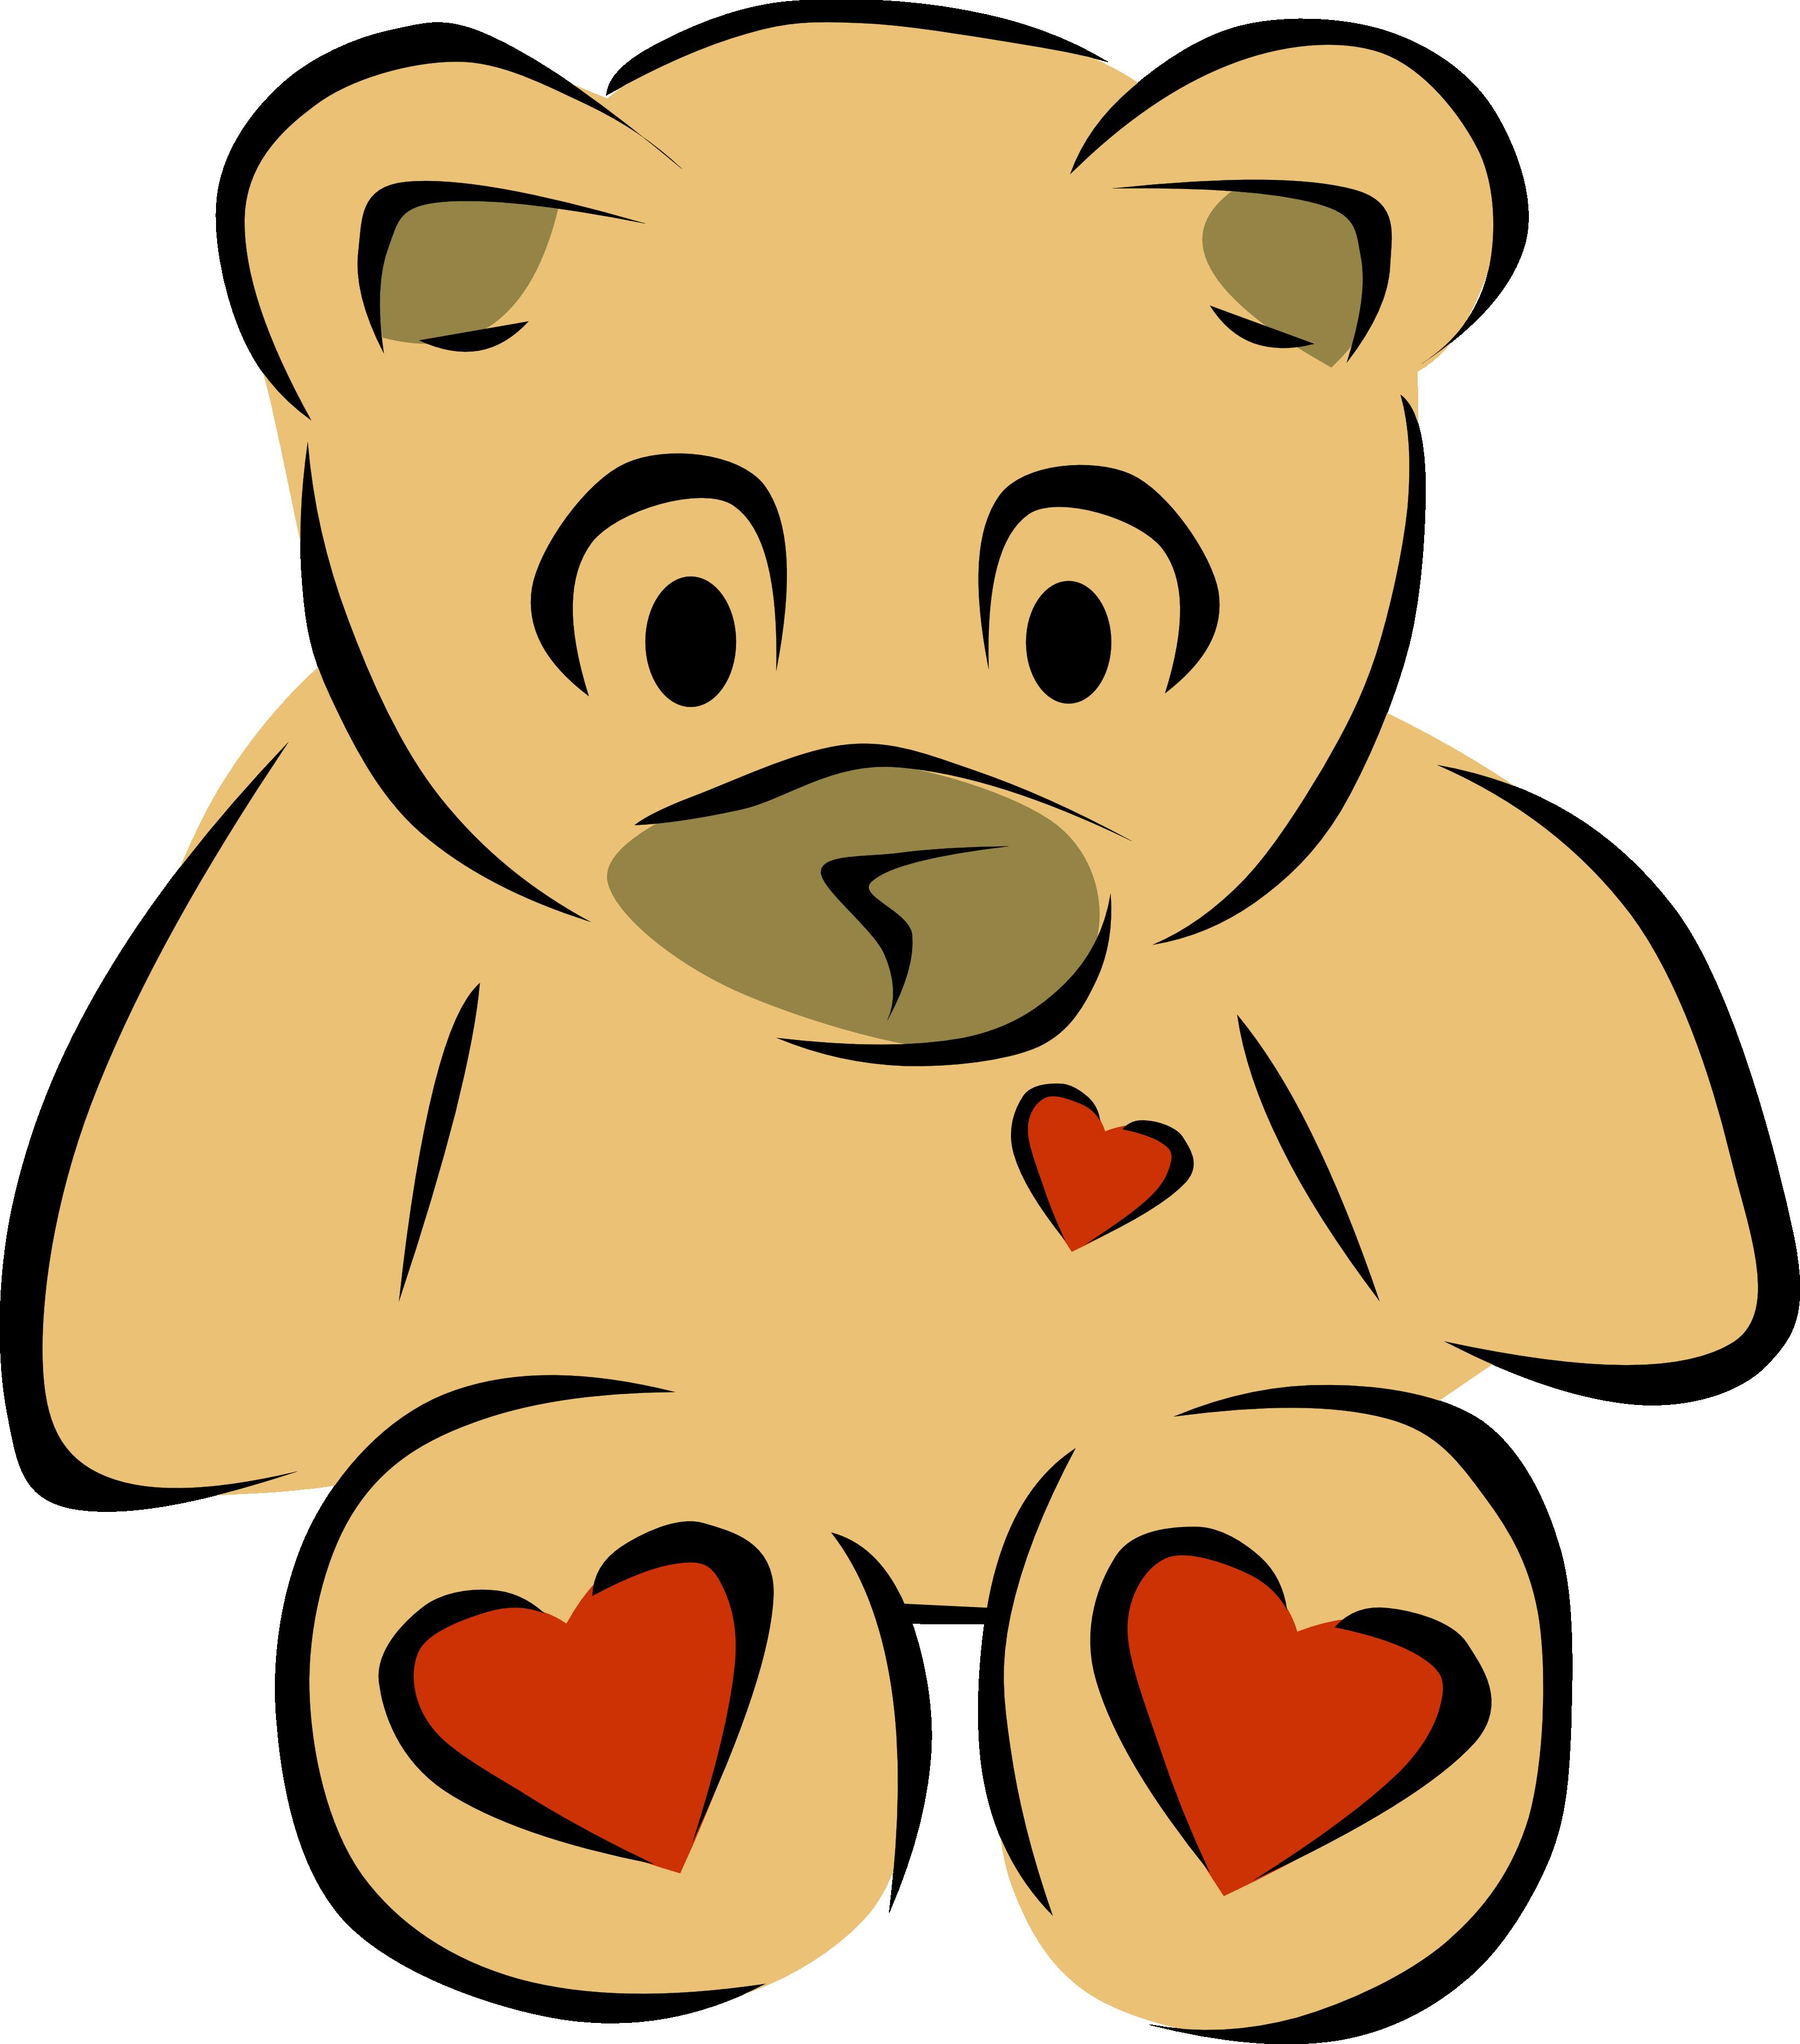 Teddy bear clip art bear heart 2 christmas xmas teddy clipart